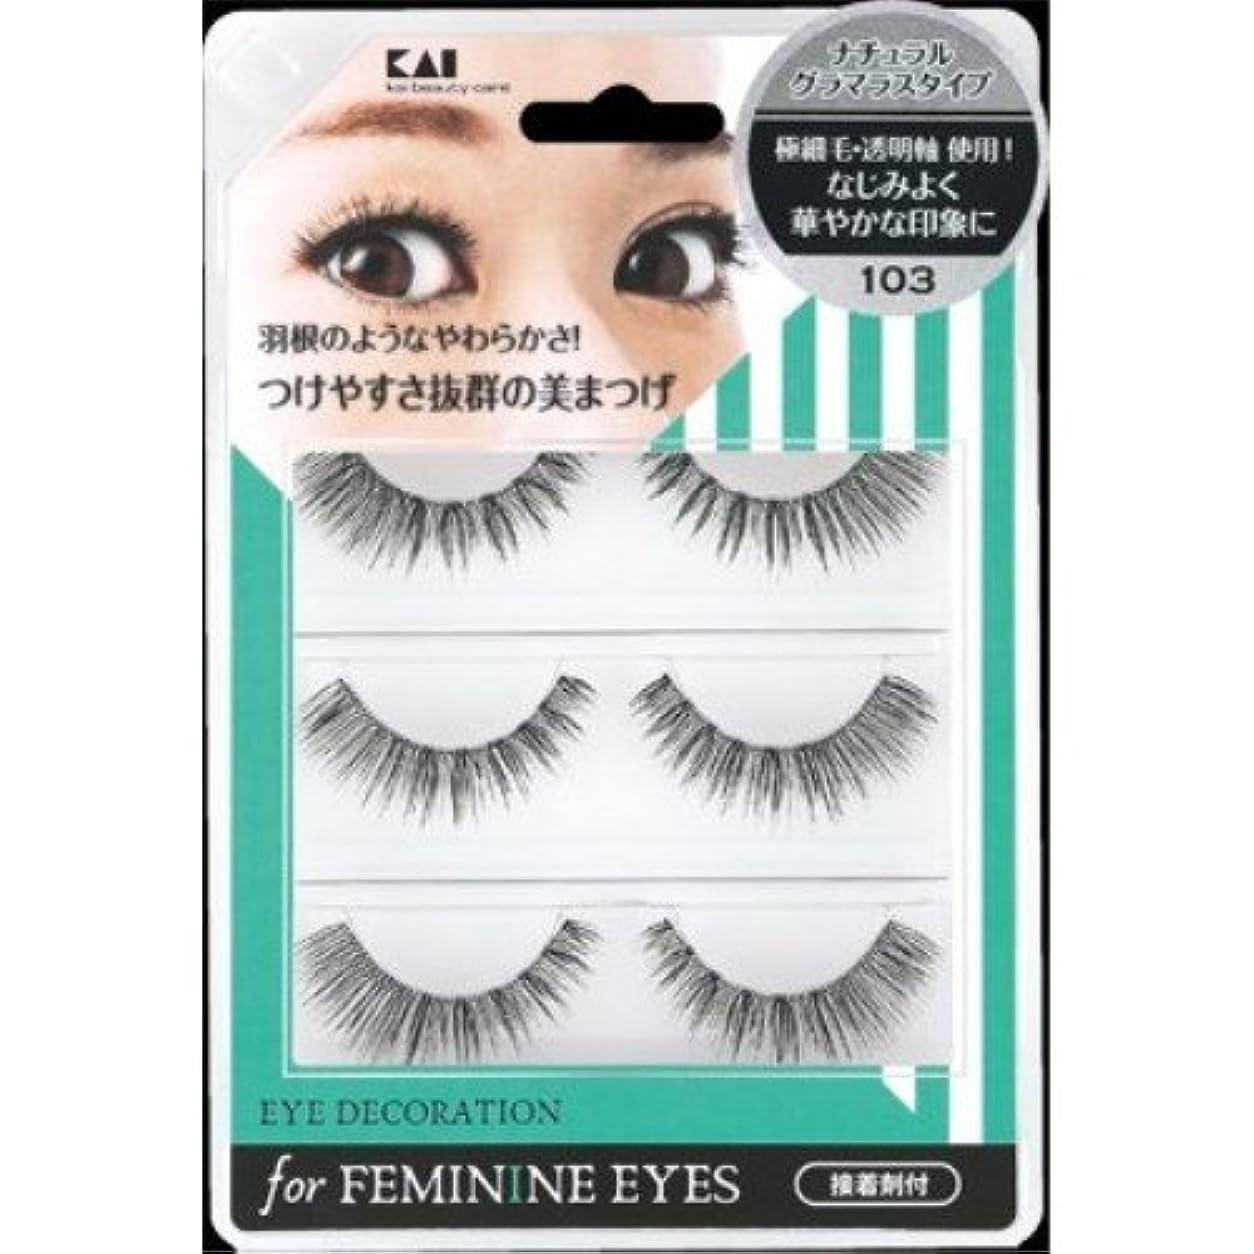 ナンセンスレイア神の貝印 アイデコレーション for feminine eyes 103 HC1557